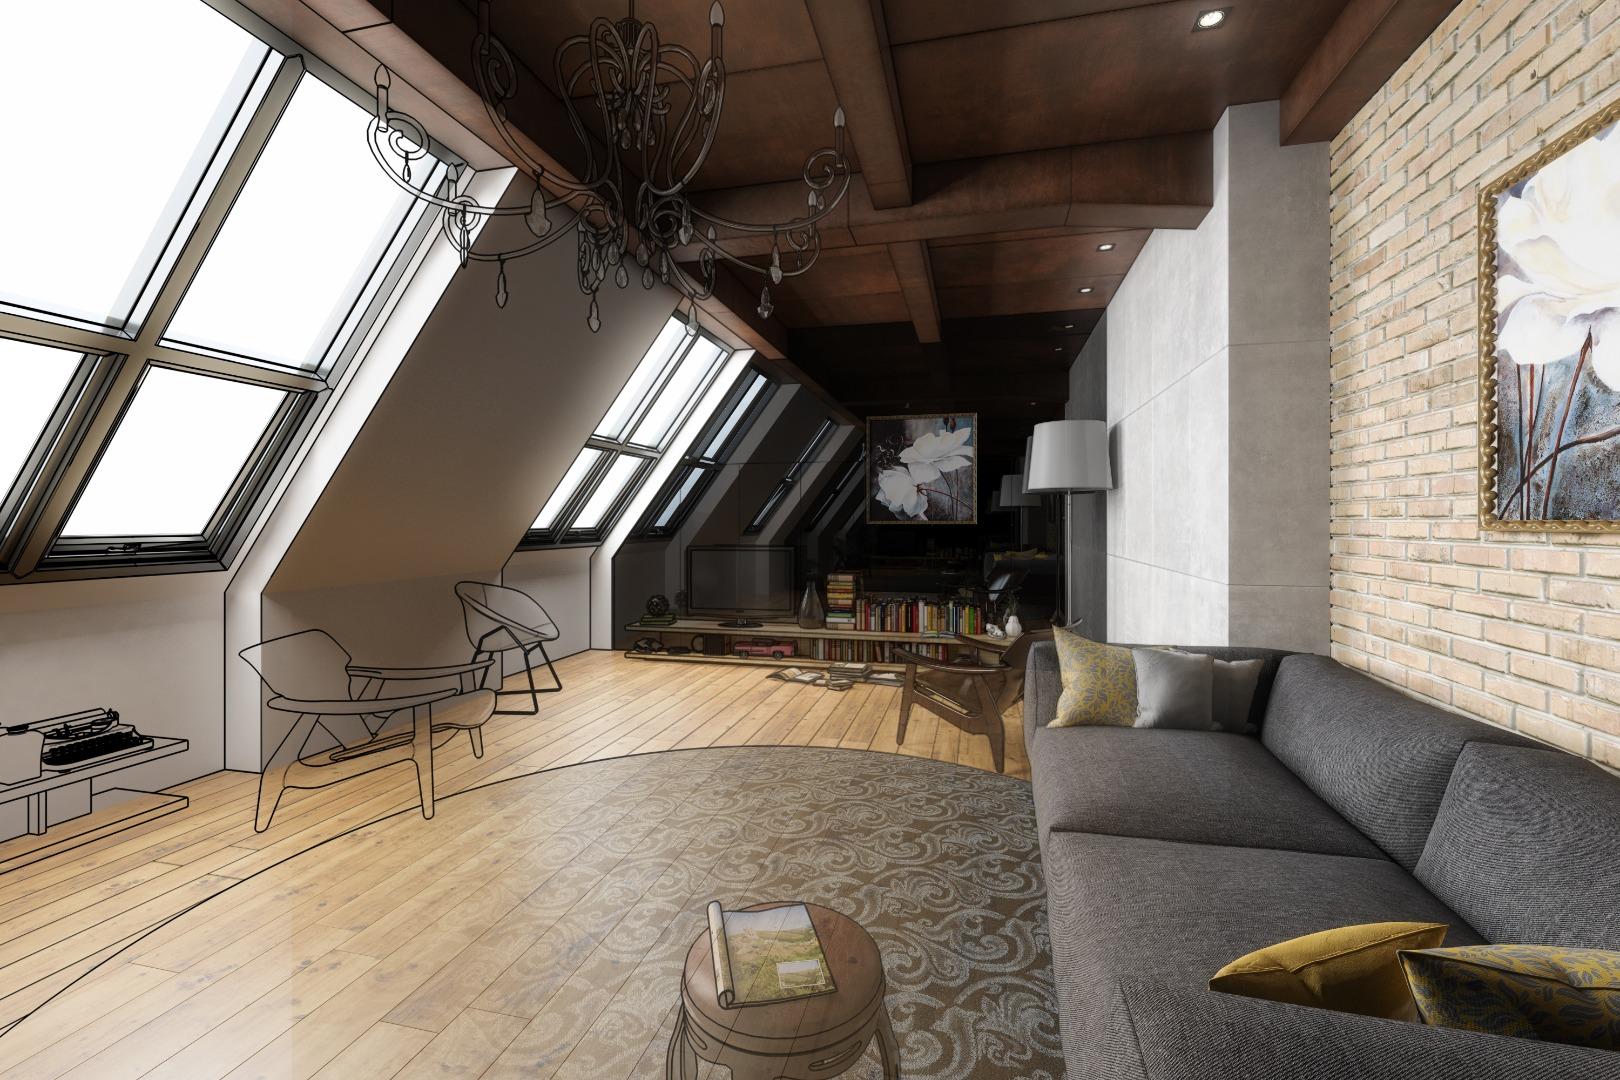 Architecte Interieur Bordeaux extension de maison bordelaise : contactez un architecte d